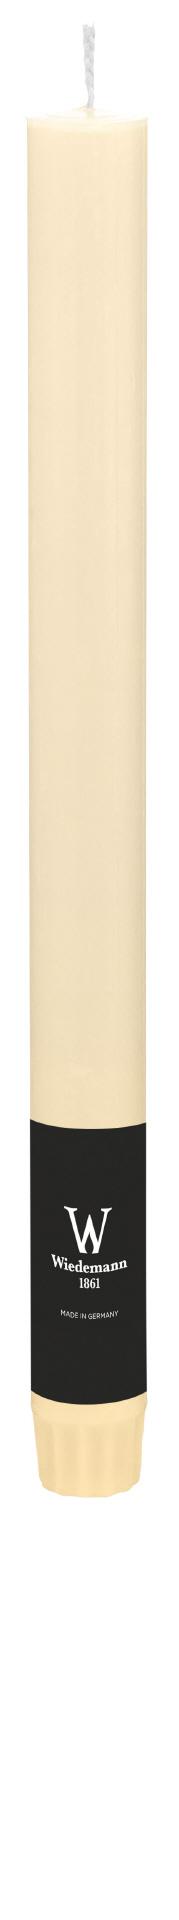 durchgef rbte stabkerzen marble 23x270mm 24 st ck im kerzen shop zu guenstigen preisen kaufen. Black Bedroom Furniture Sets. Home Design Ideas